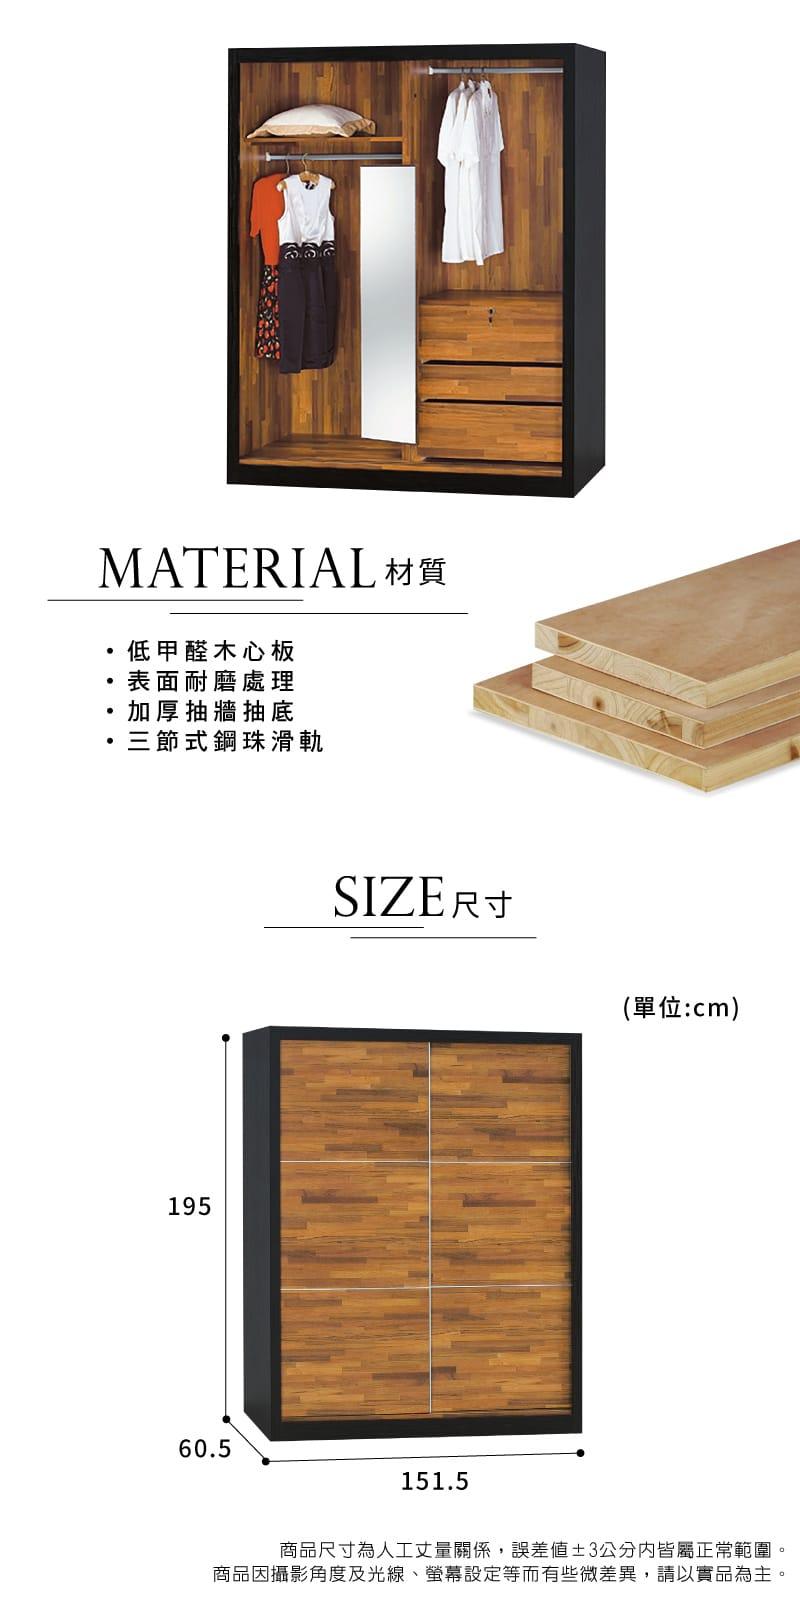 集層木滑門收納置物衣櫃 寬152cm